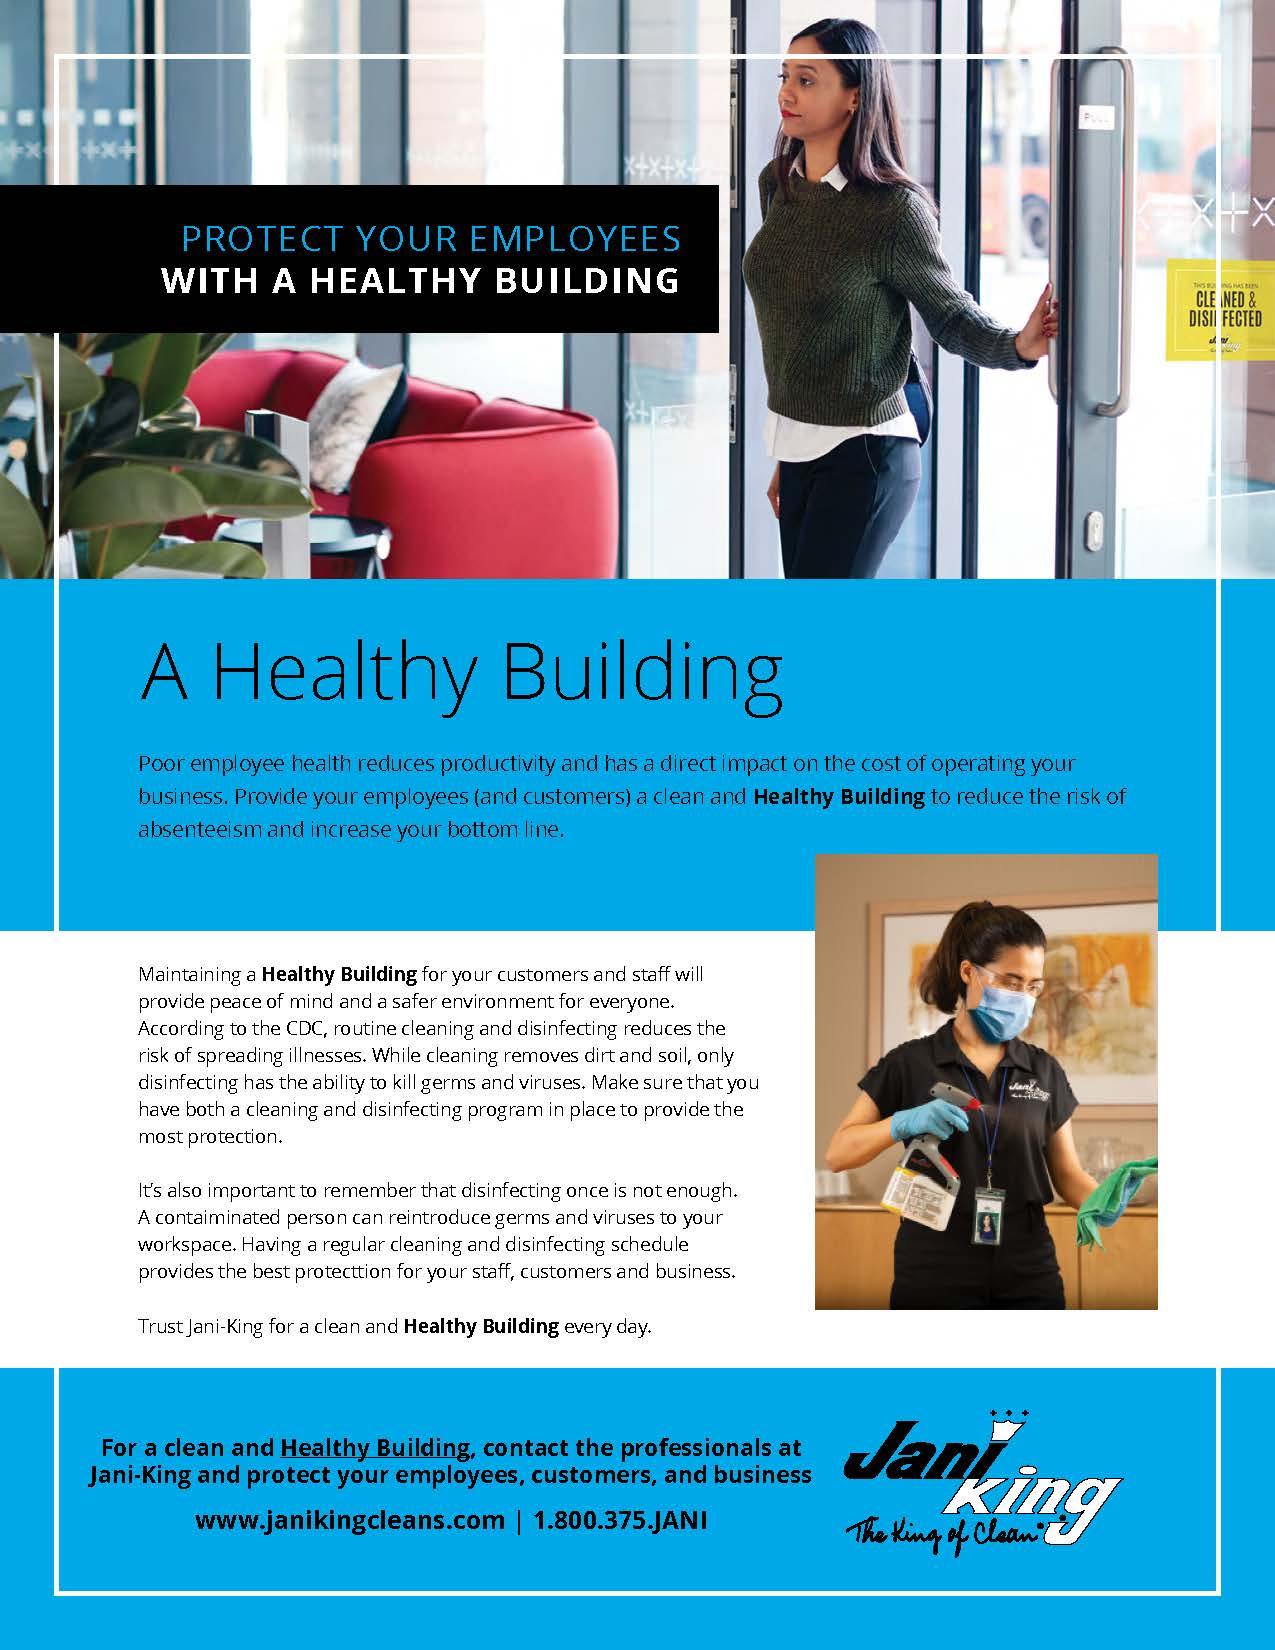 JKGCR-Healthy-Building-Flyer-3